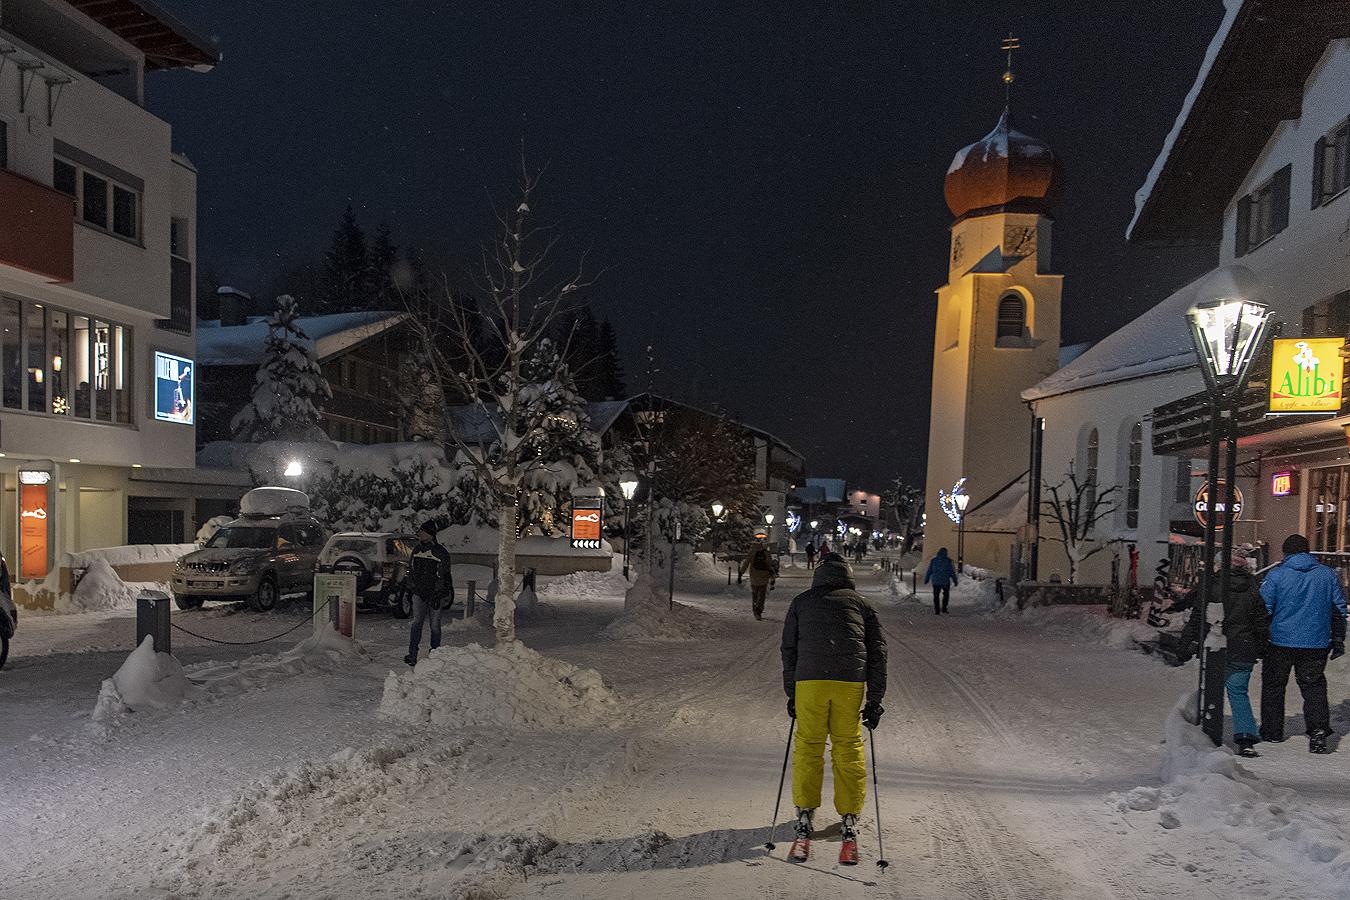 """""""Спускането и супергигантският слалом при жените, трябваше да бъдат отложени заради повишения риск от лавини и лоши метеорологични условия"""", съобщи Австрийската федерация по ски. """"Огромните количества сняг прави невъзможно провеждането на състезанията за Световната купа в събота и неделя"""", добавиха от федерацията."""